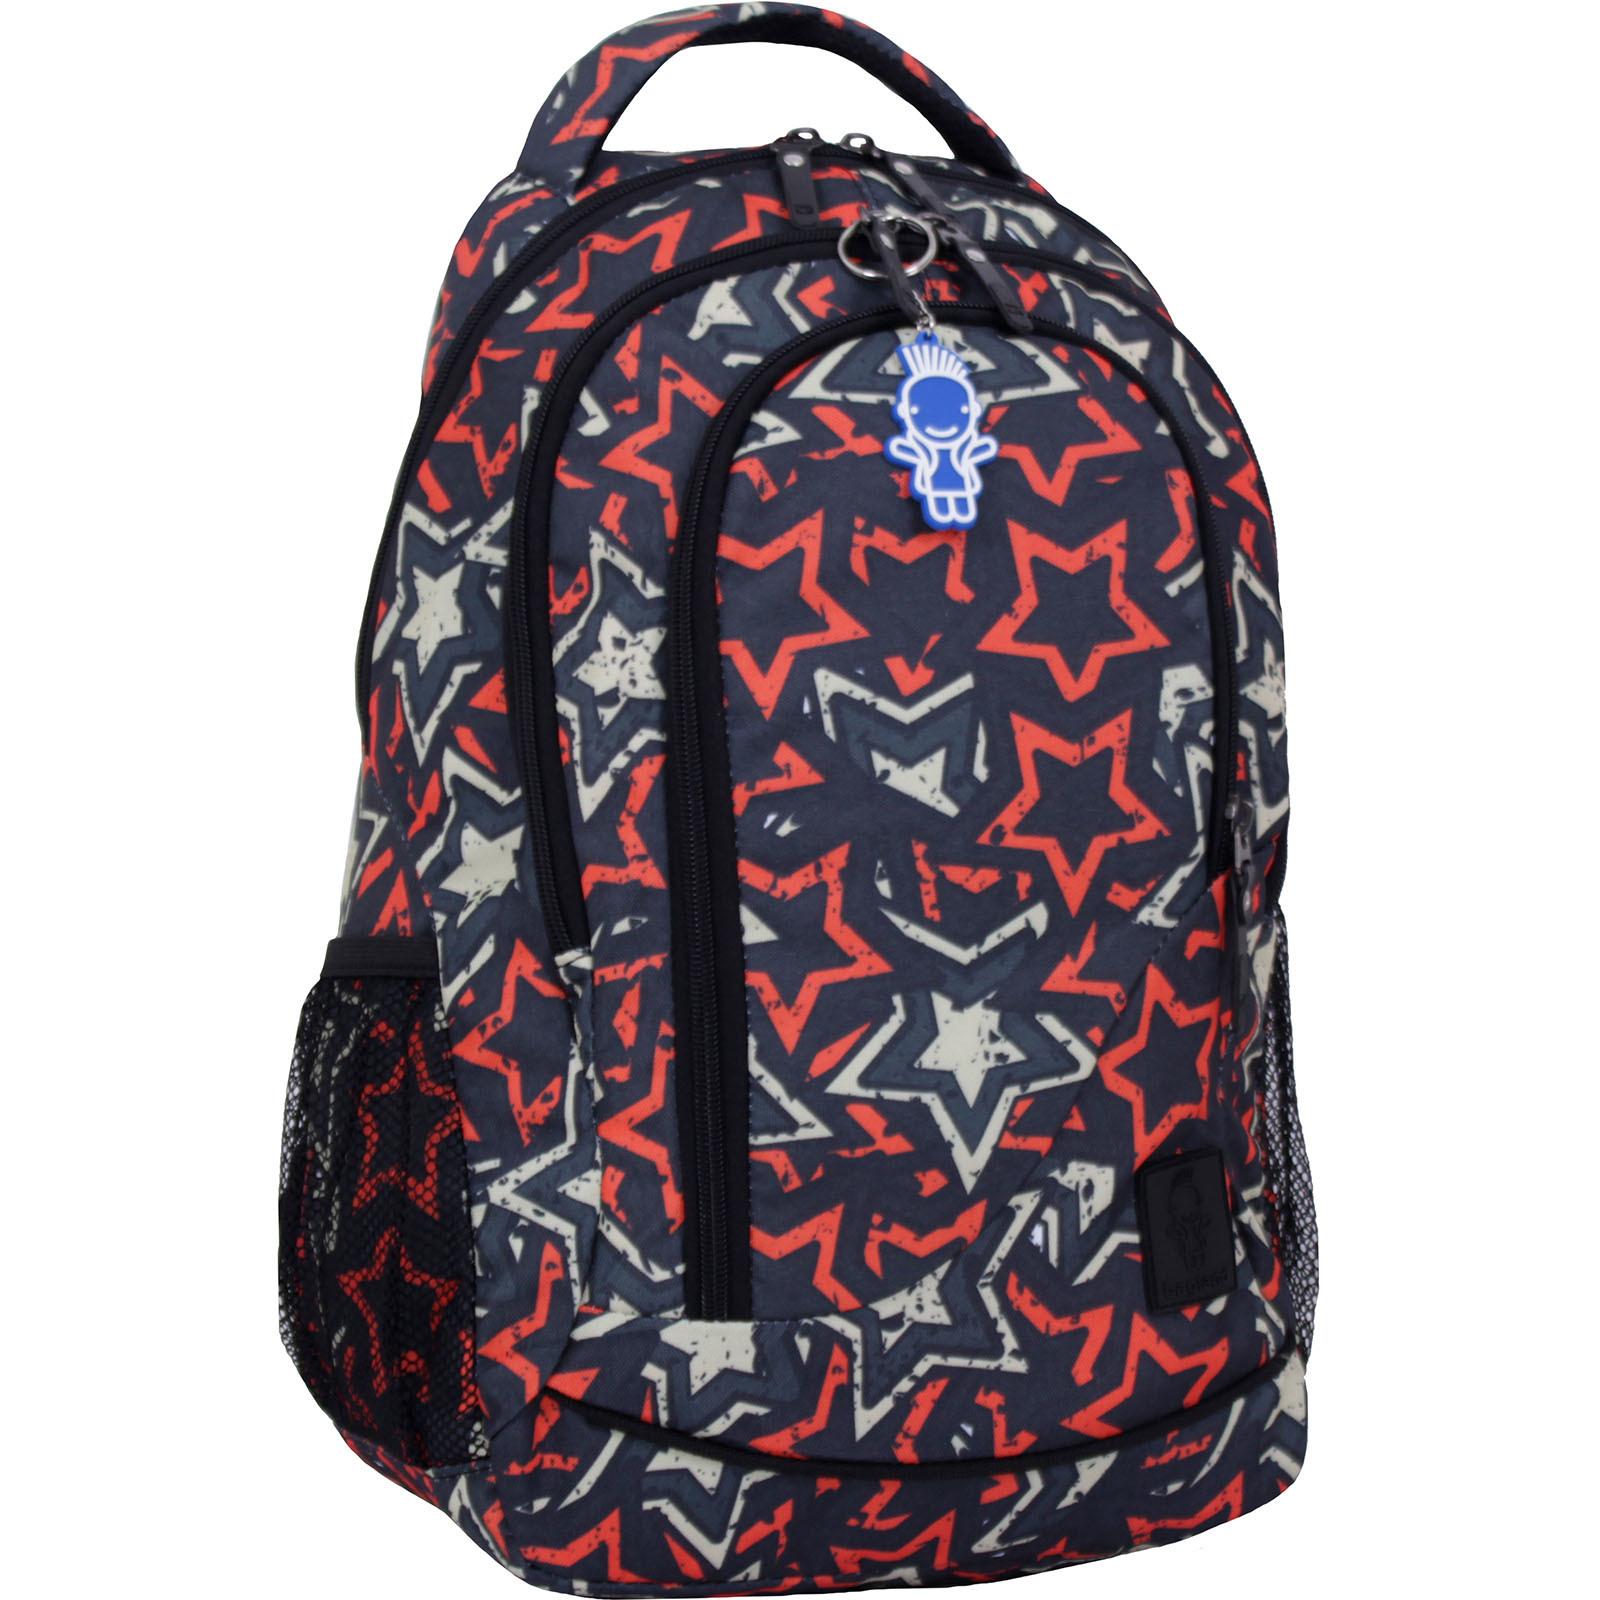 Городские рюкзаки Рюкзак Bagland Бис 19 л. сублимация (185) (00556664) IMG_1736_суб.185_.JPG